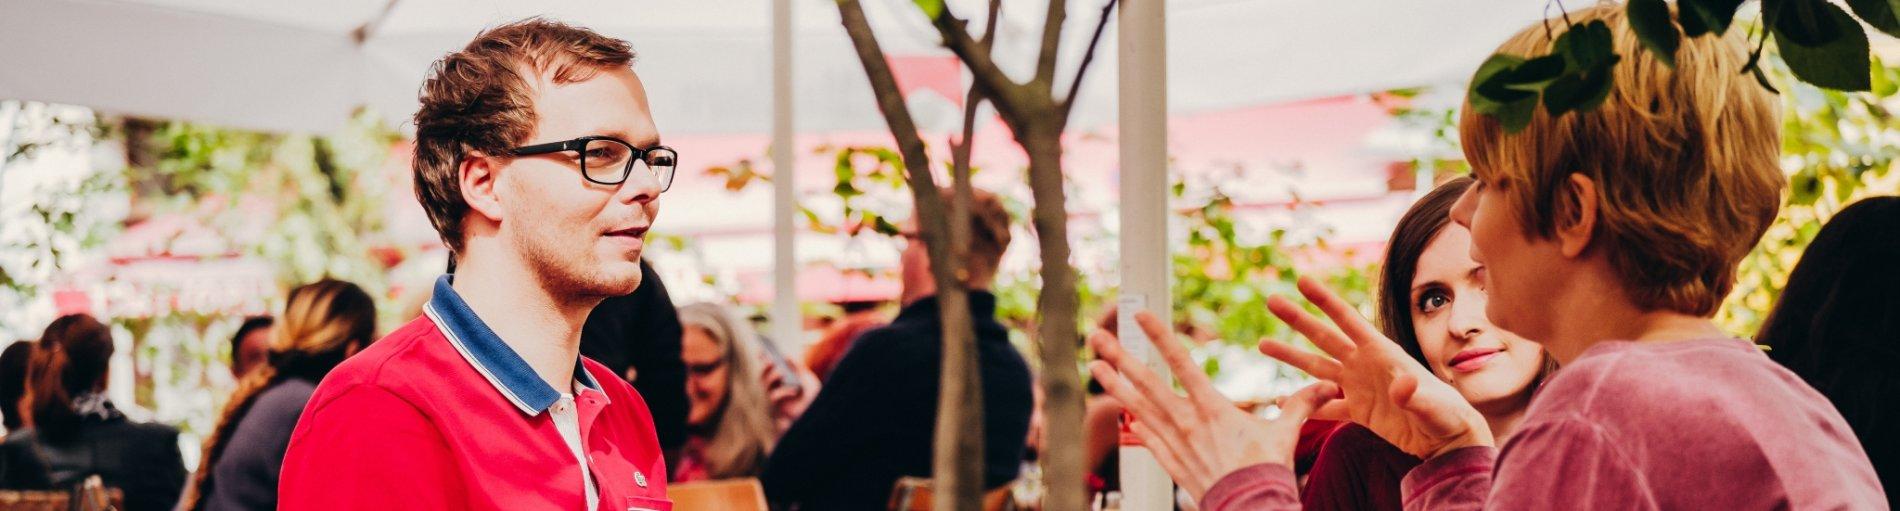 Ein Mann im Rollstuhl und zwei Frauen sitzen draußen in einem Straßencafé am Tisch und unterhalten sich.